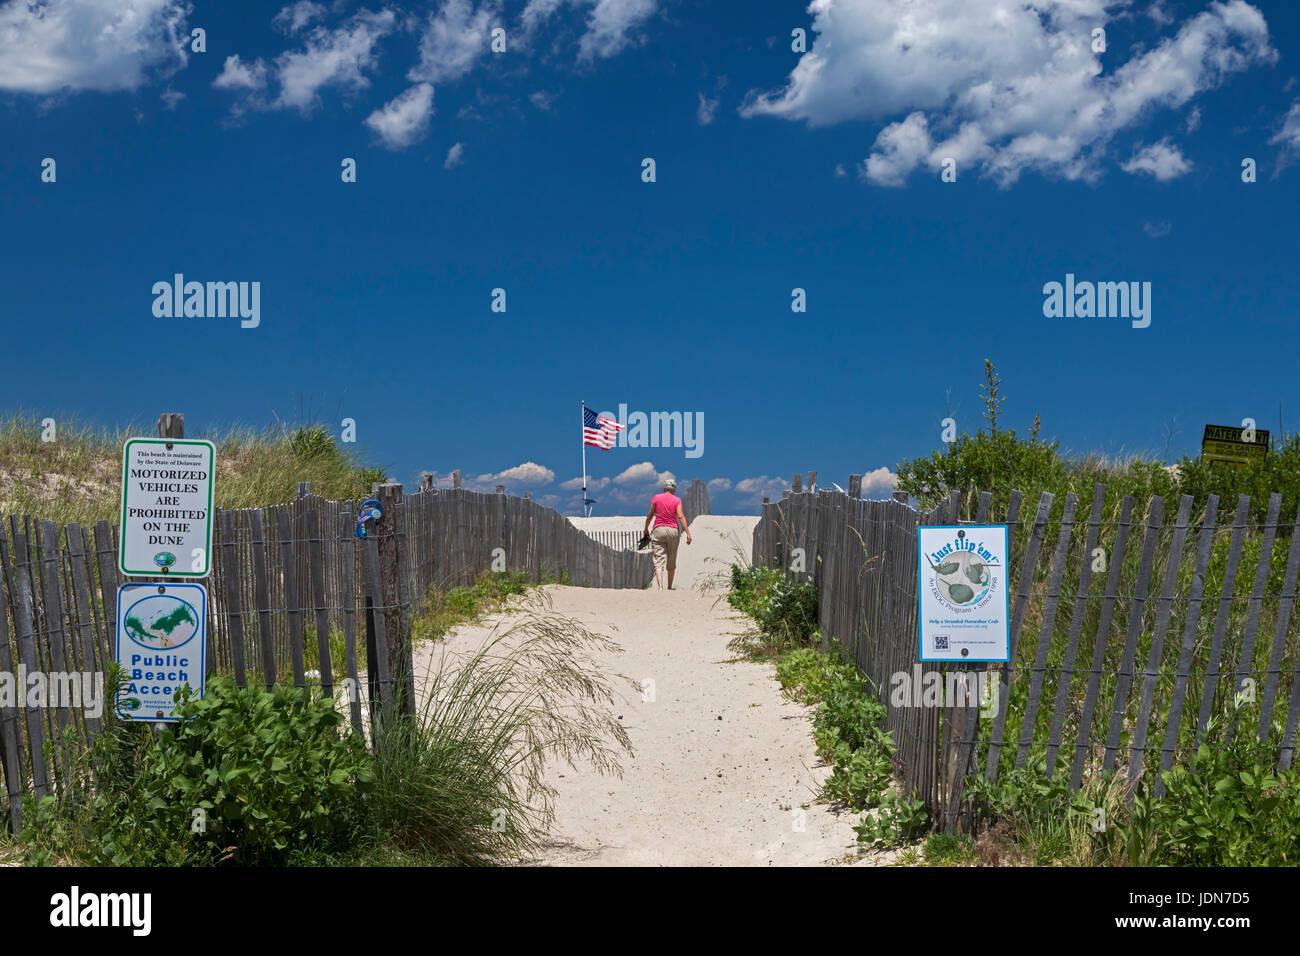 Broadkill Beach, Delaware - Public access to an Atlantic Ocean beach in southeastern Delaware. - Stock Image